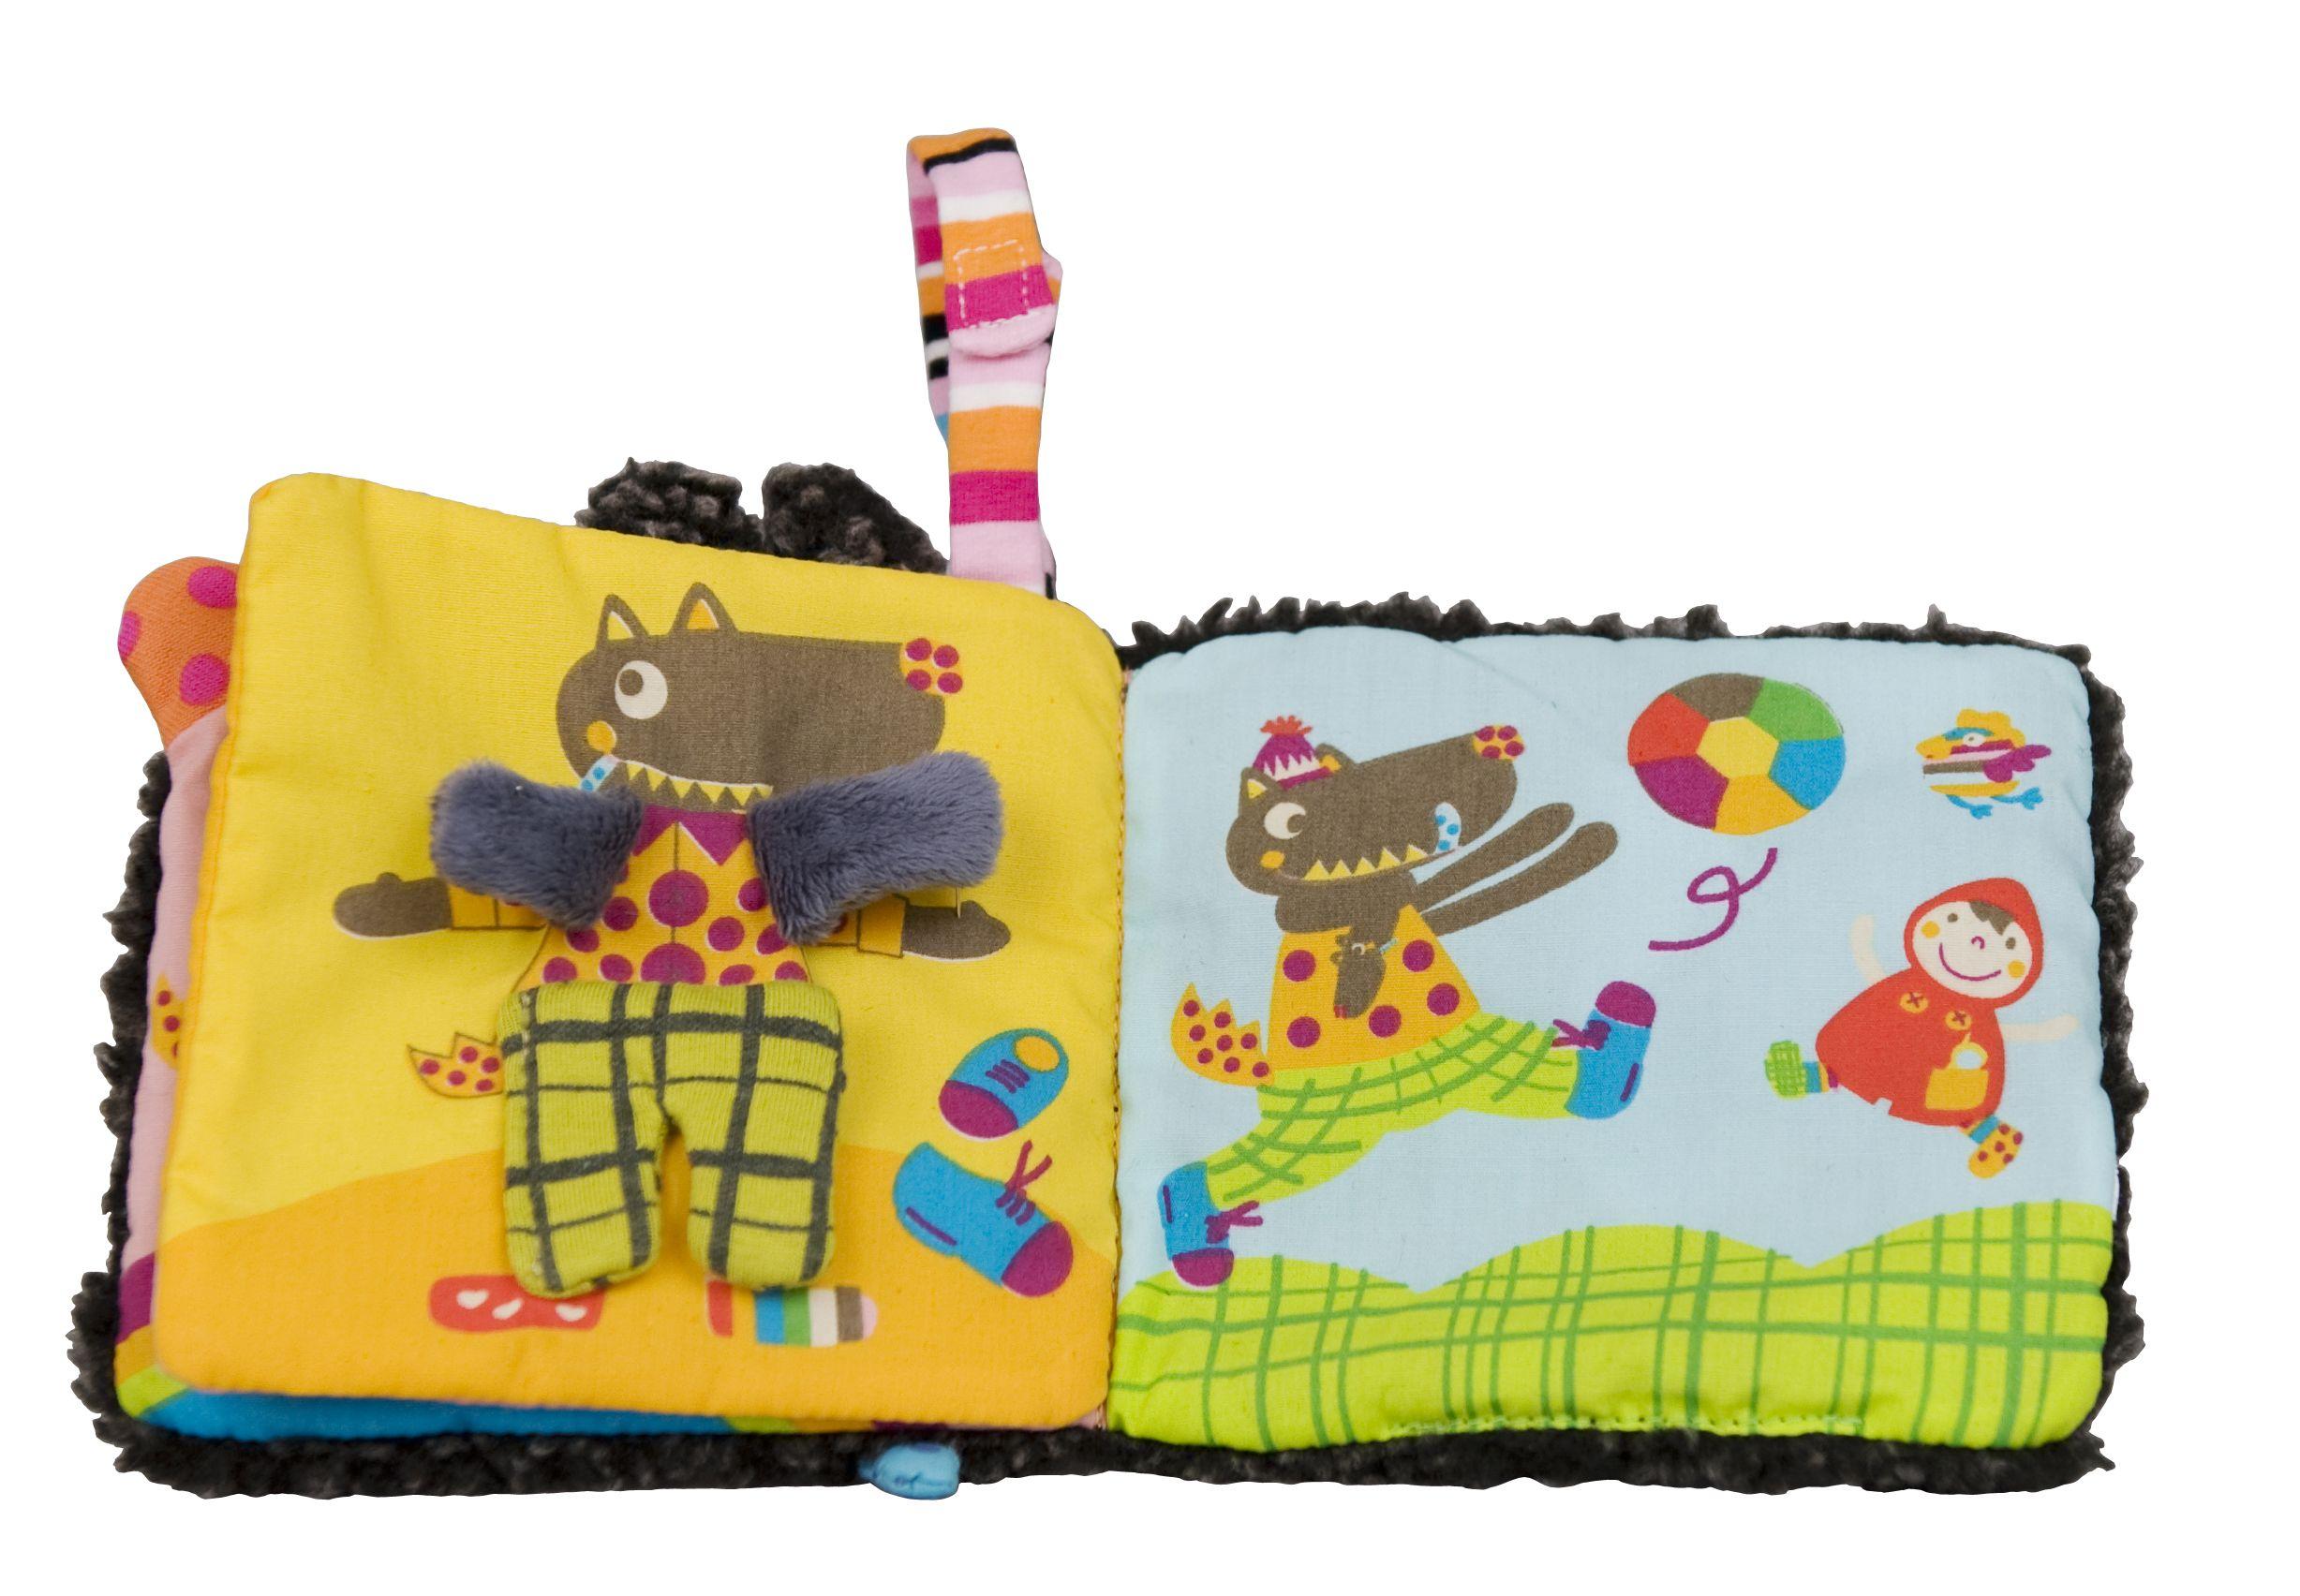 spielzeug mehr minibuch louloup zieht sich an von ebulobo. Black Bedroom Furniture Sets. Home Design Ideas